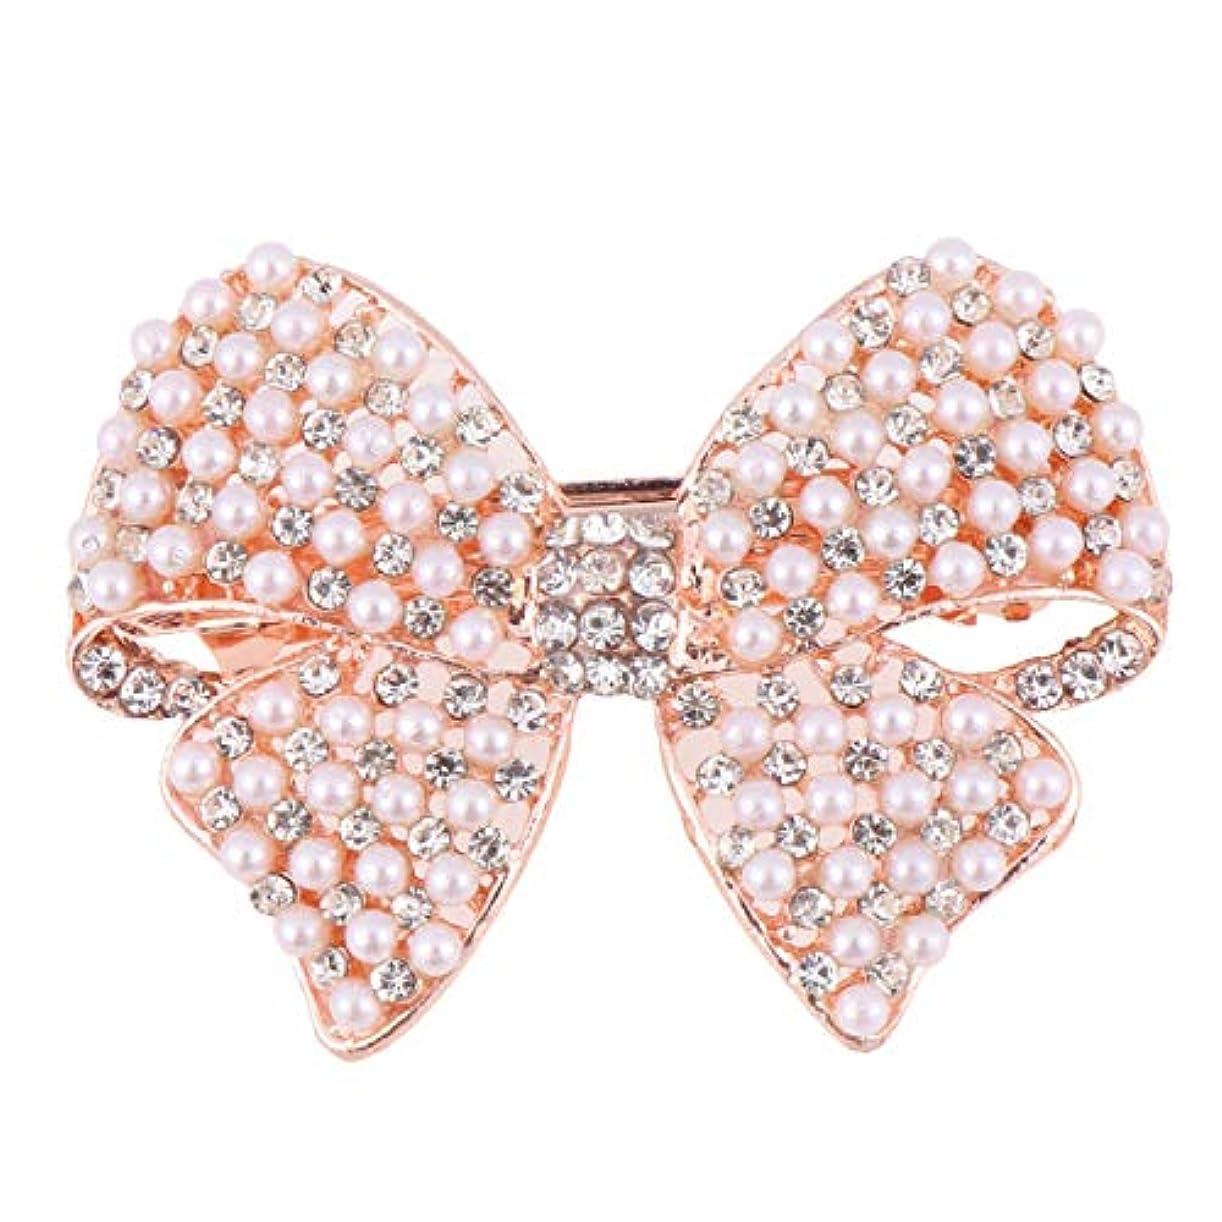 苦難レーザジェスチャーBeaupretty 女性のための真珠の弓のヘアクリップラインストーンヘアピンヘッドドレスバレッタちょう結び